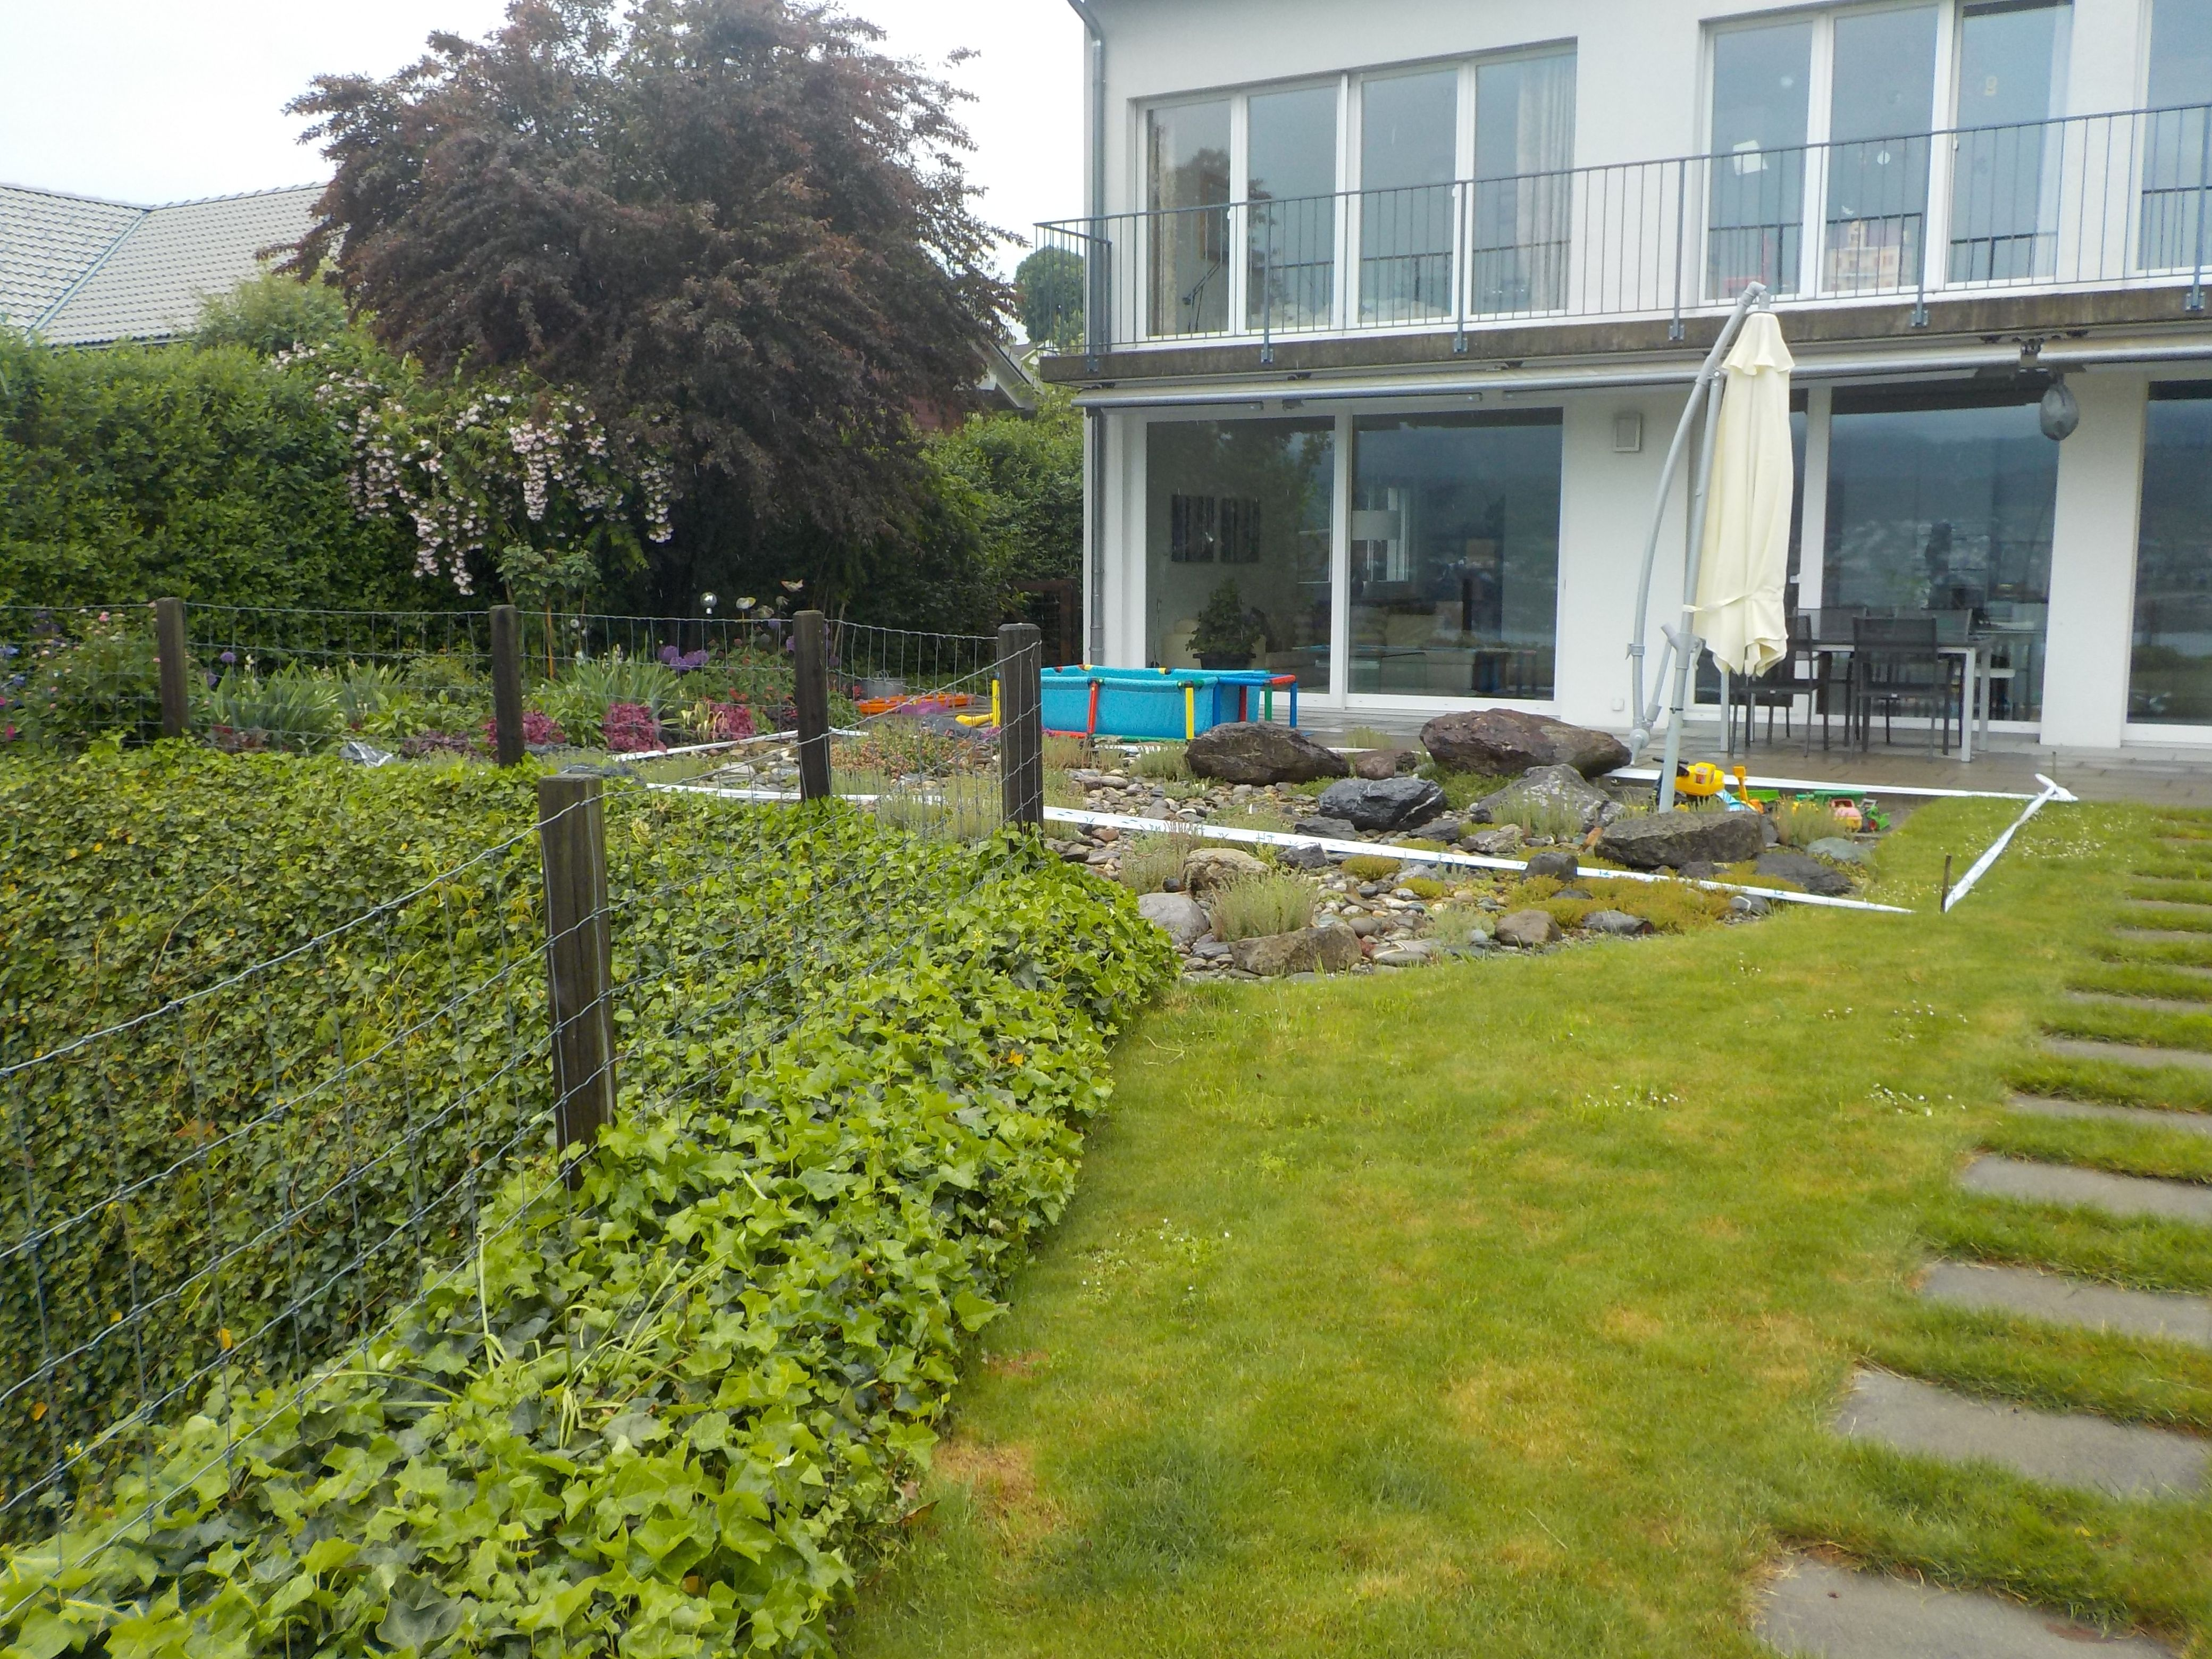 Gartengestaltung reihenhaus pool for Gartengestaltung reihenhaus